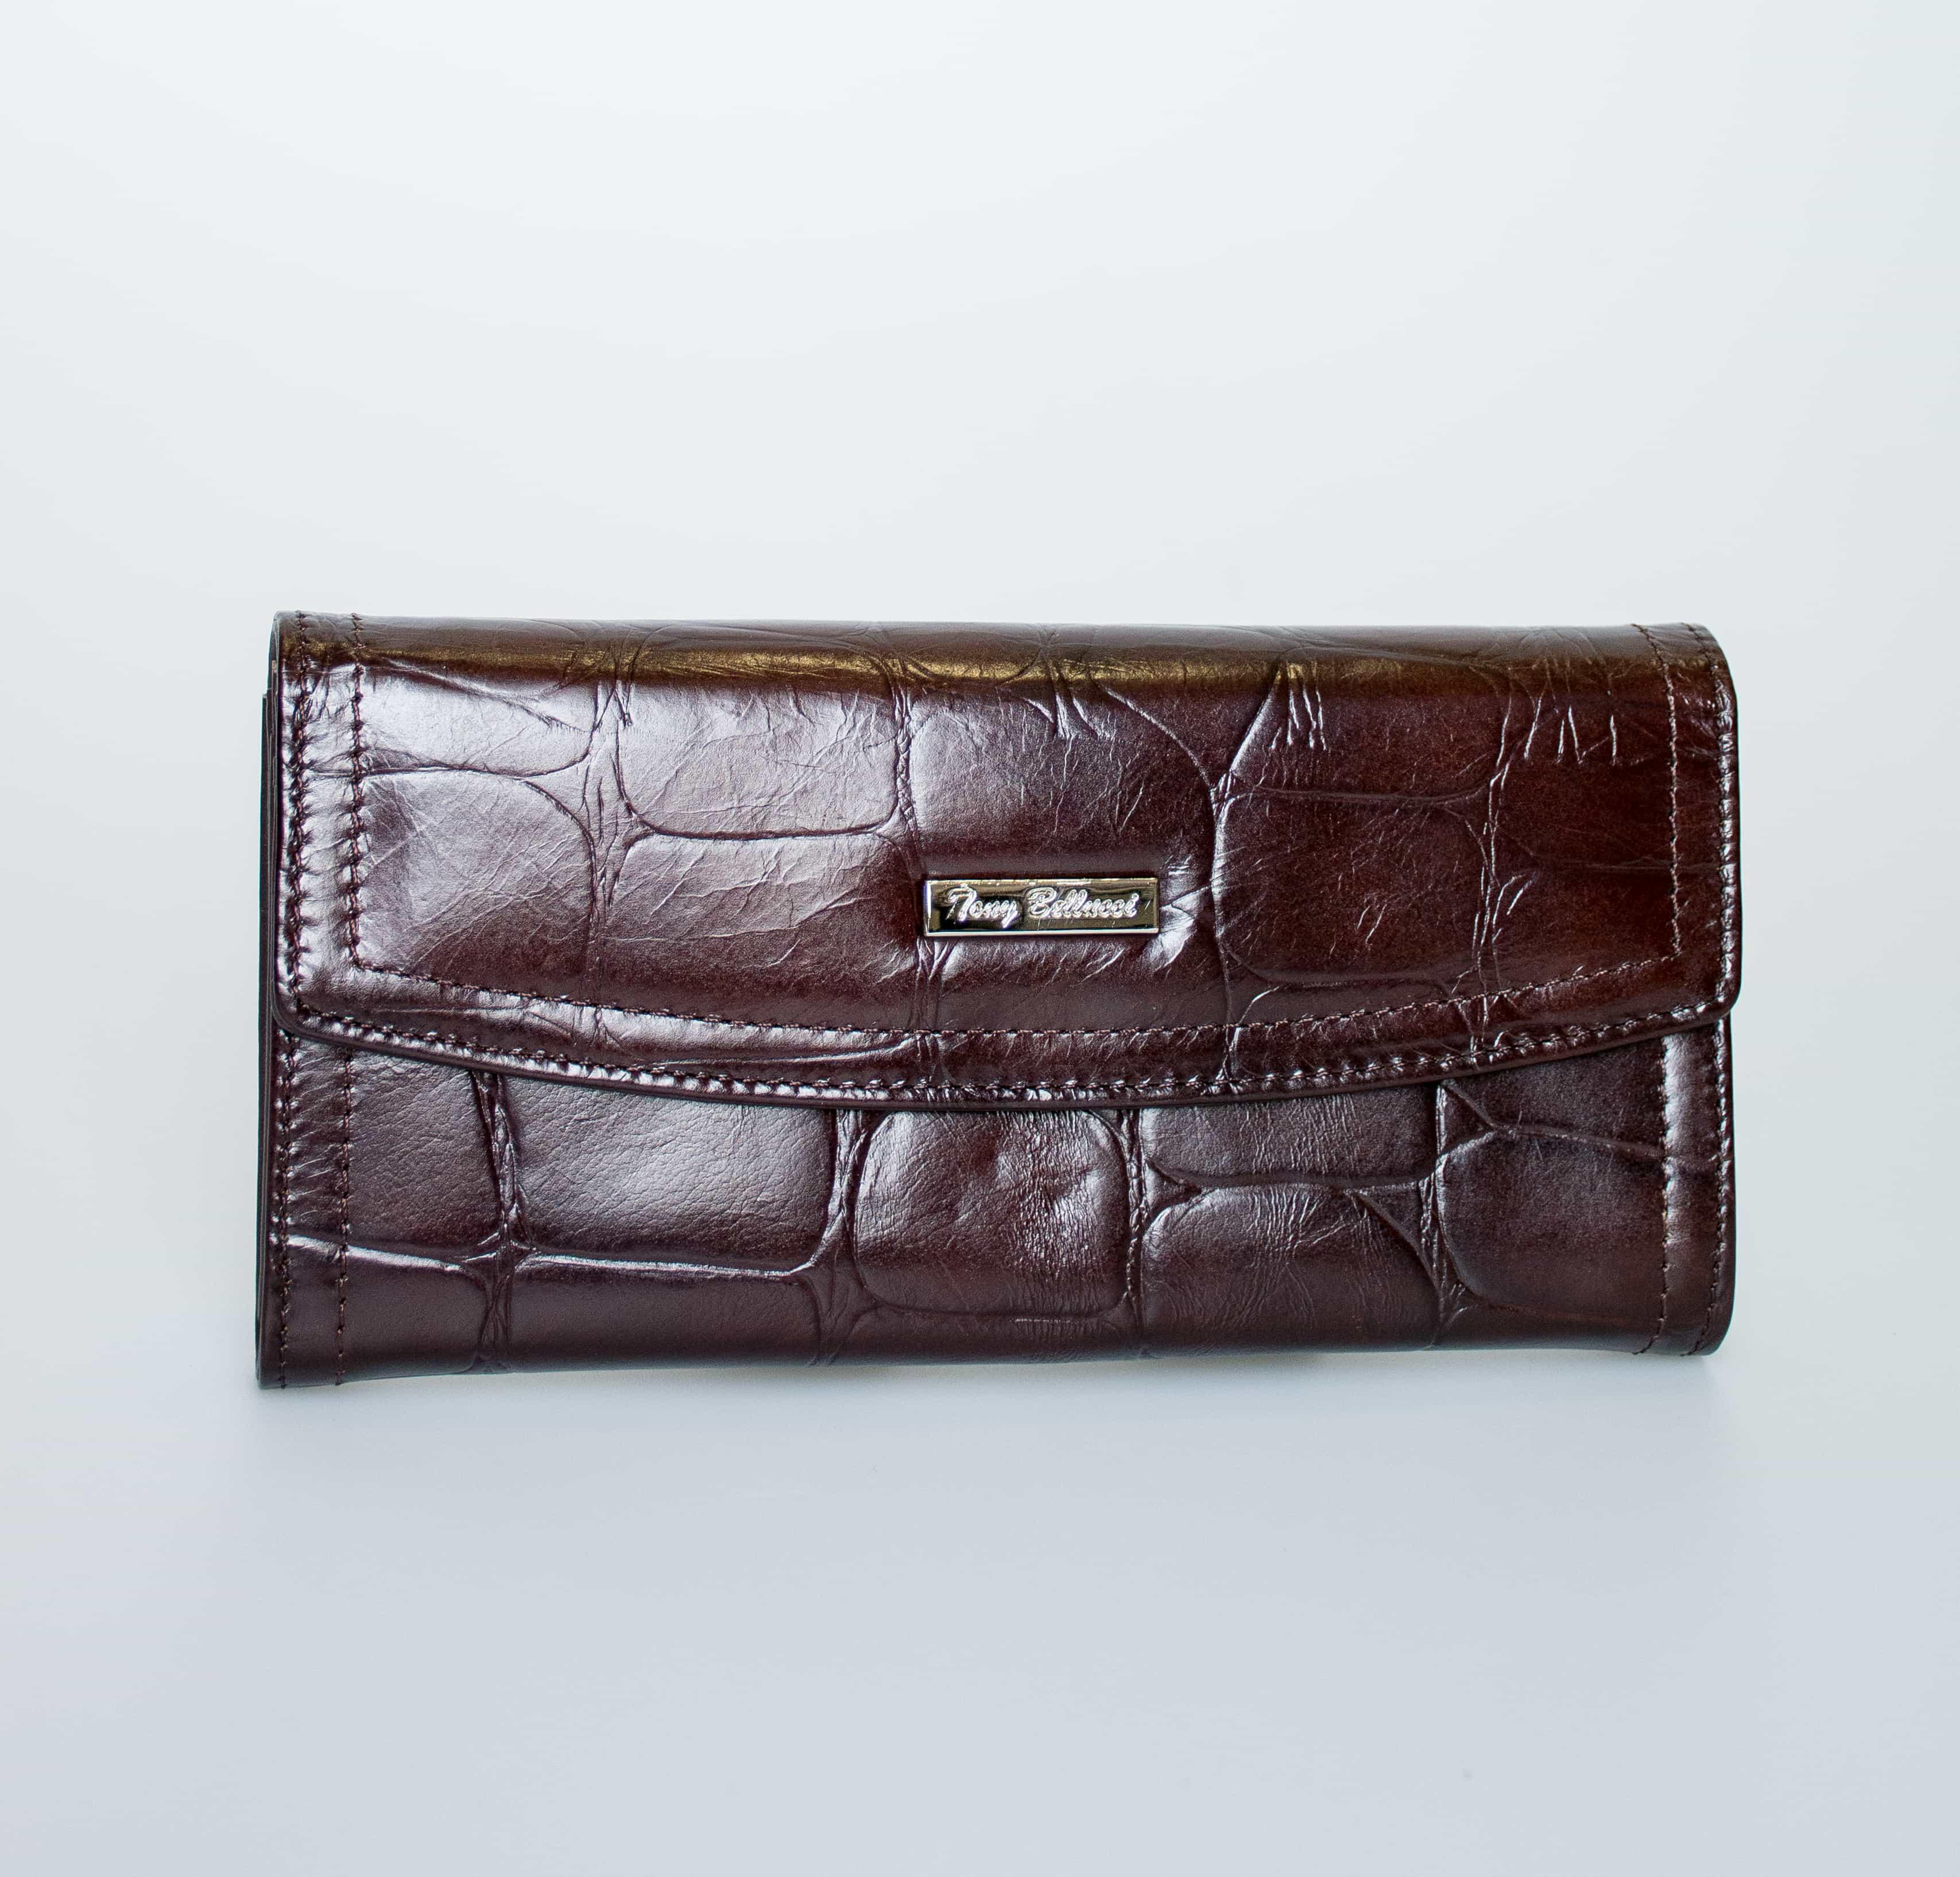 Женский кожаный кошелек Tony Bellucci.T523-950